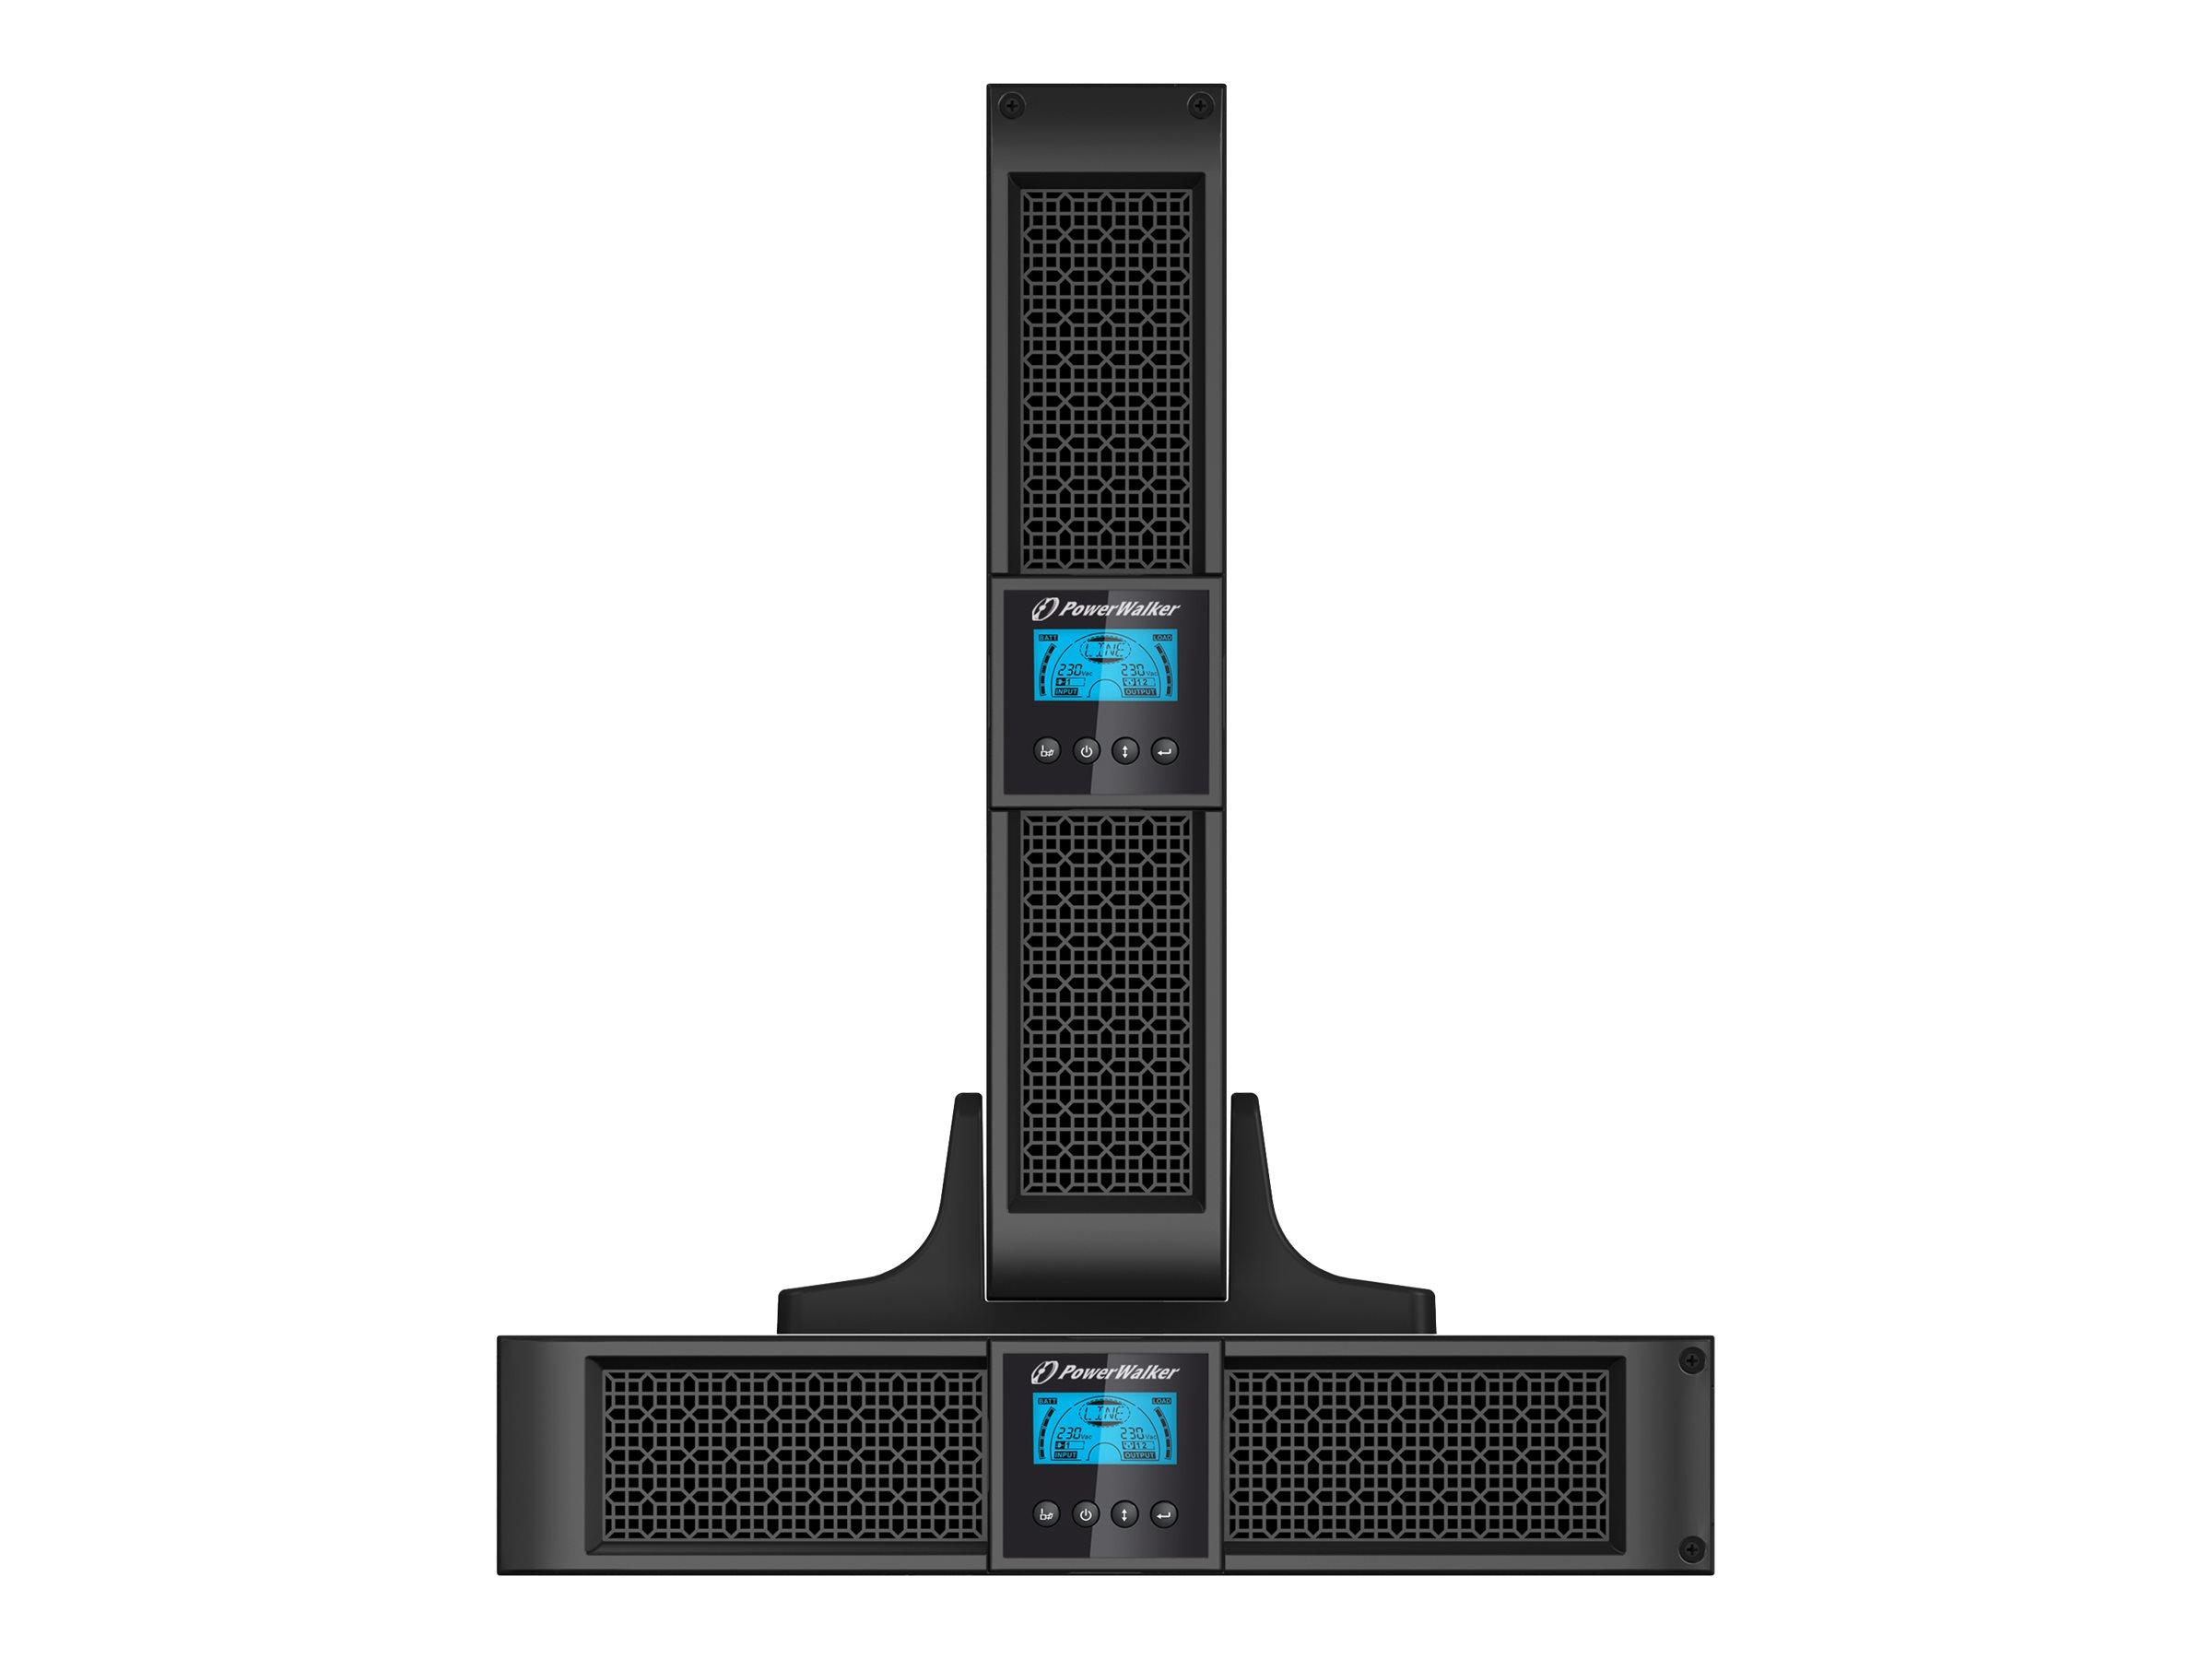 """Bluewalker PowerWalker VFI 3000RT LCD - USV - 2.7 kW - 3000 VA 9 Ah - RS-232, USB - Ausgangsanschlüsse: 9 - 2U - 48.3 cm (19"""")"""